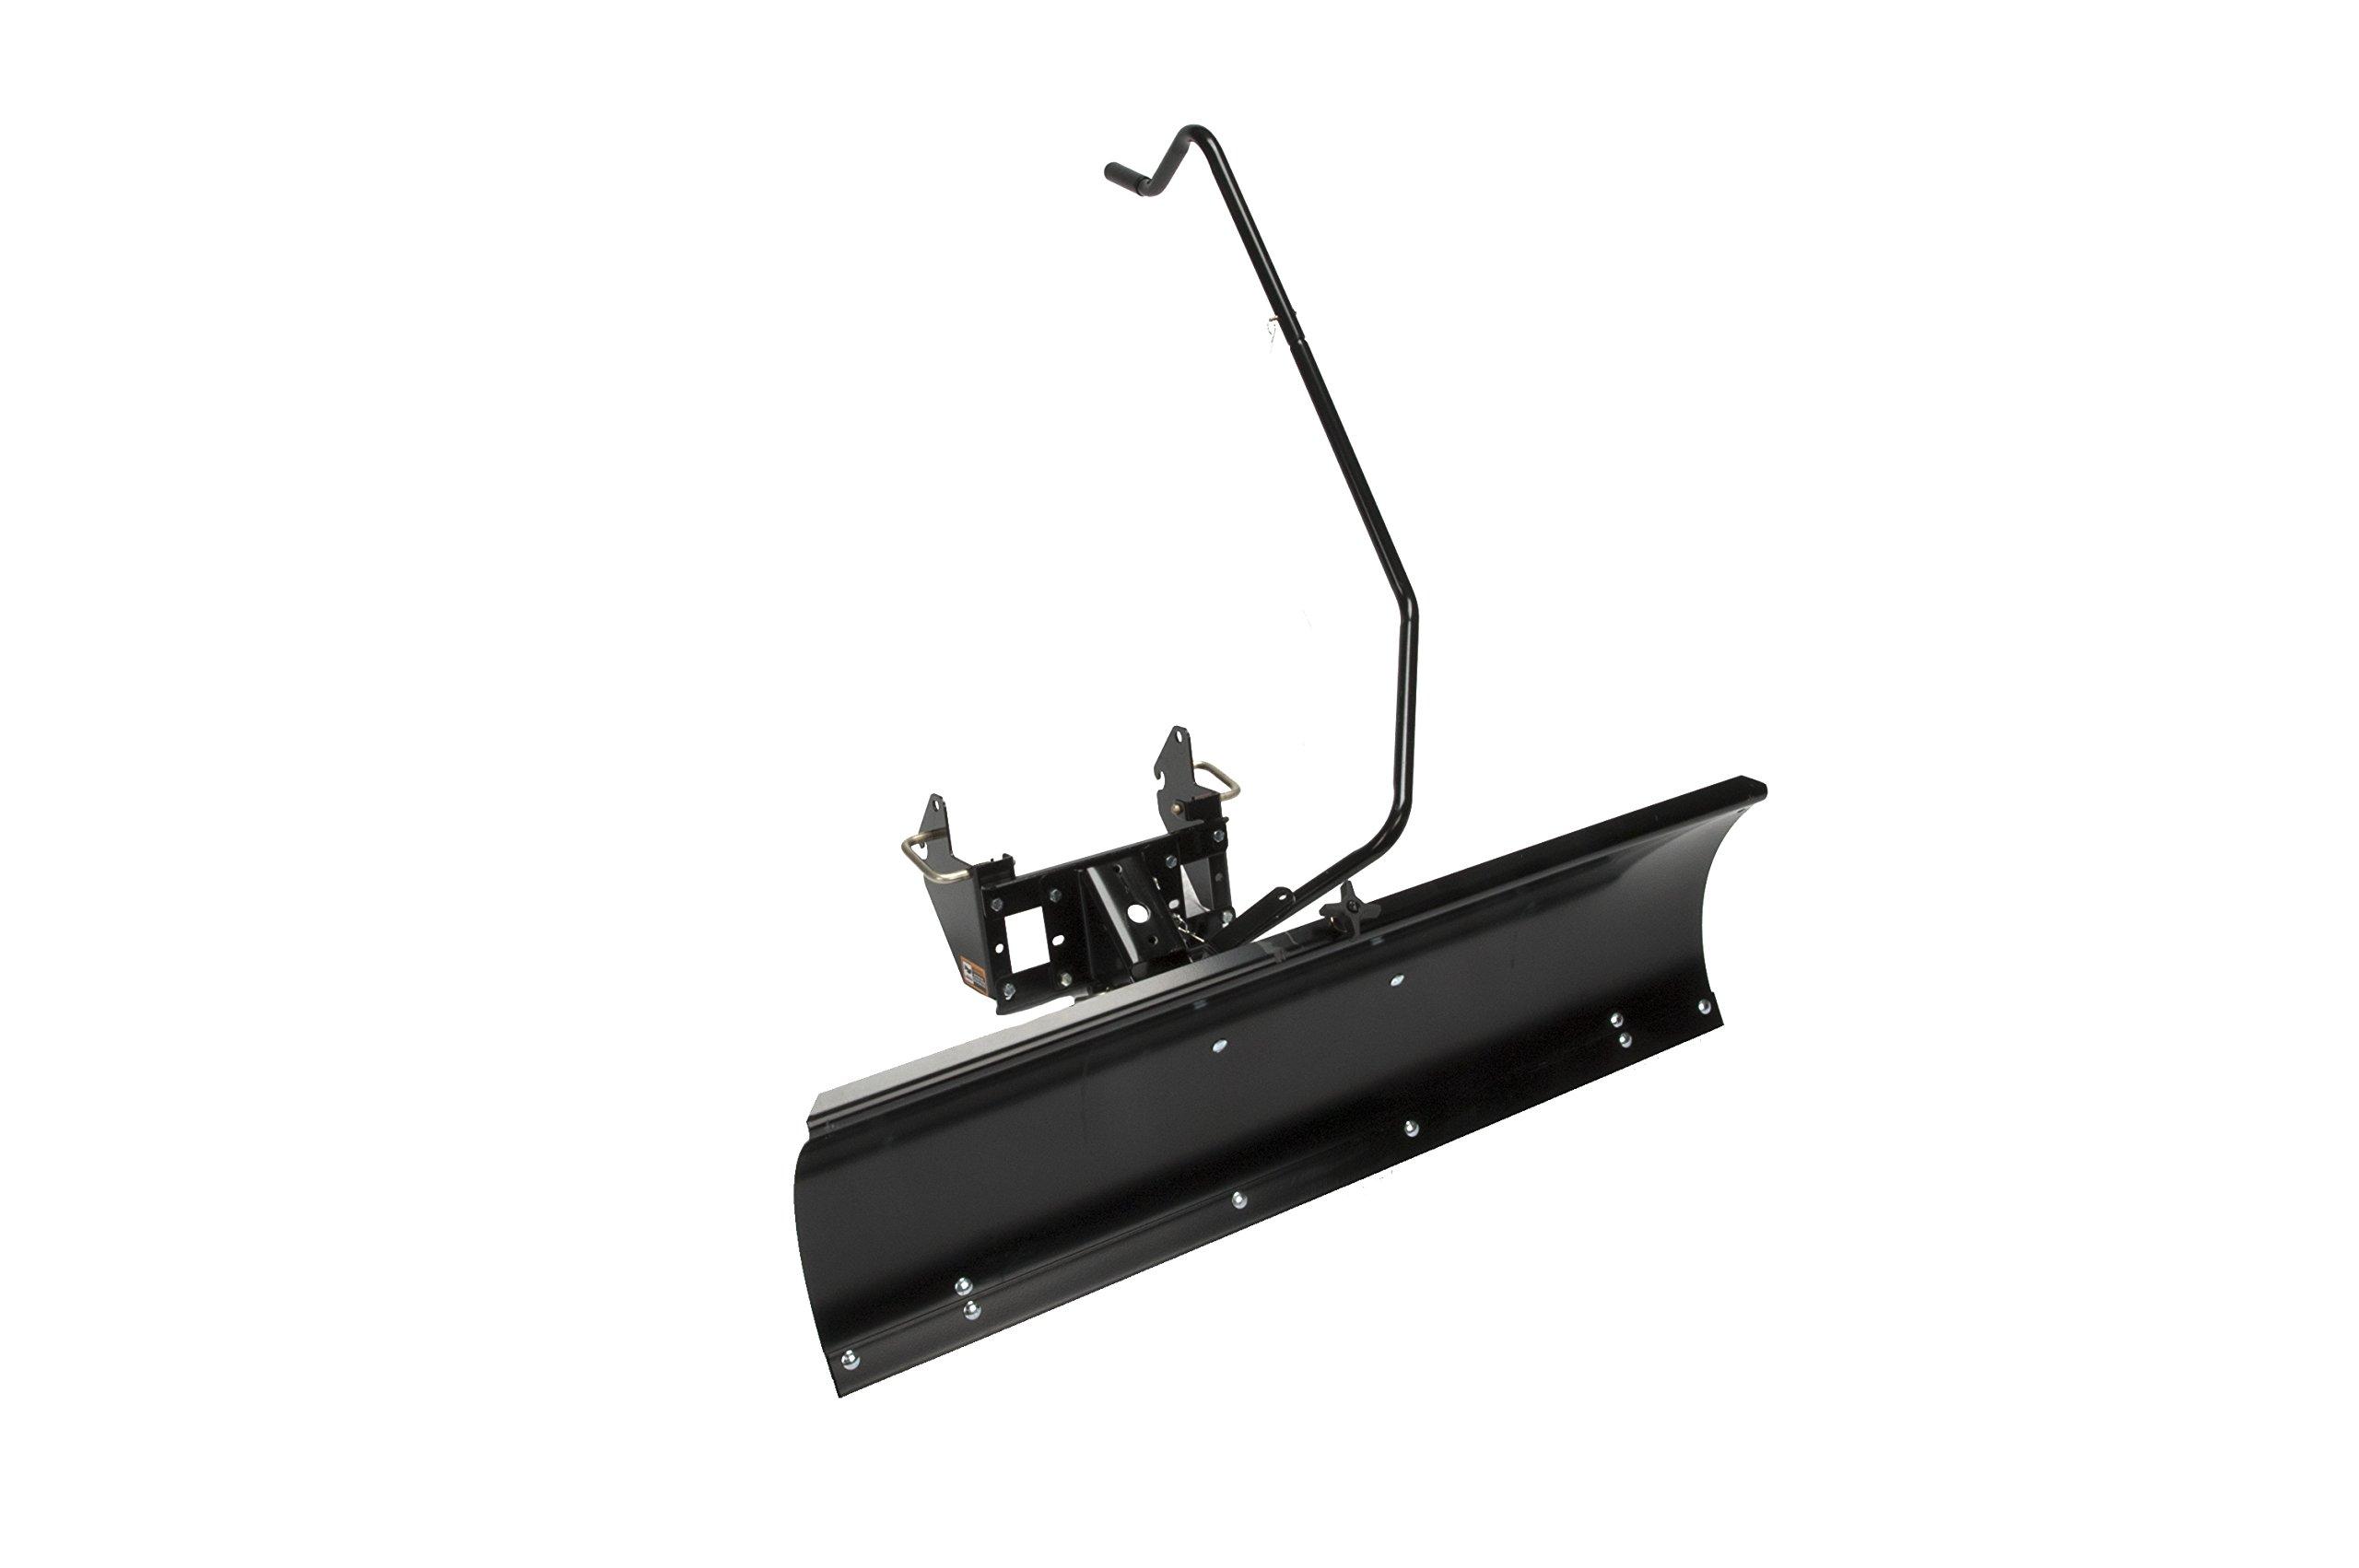 MTD Genuine Parts  46-Inch Snow Blade Attachment